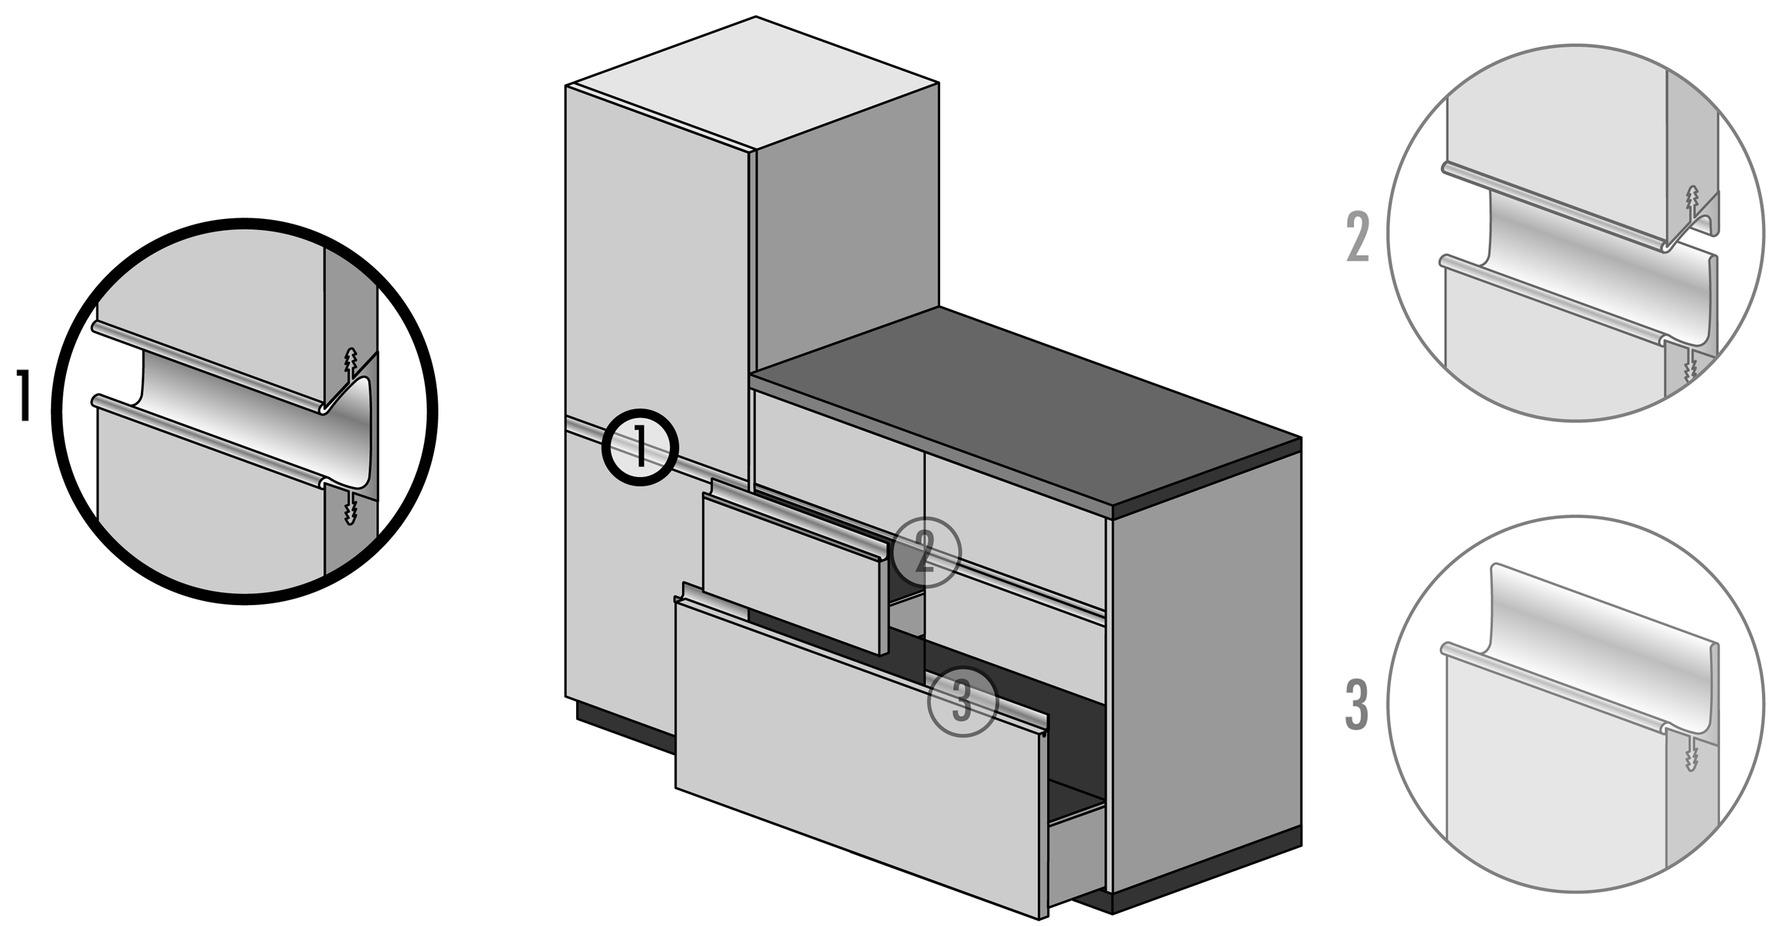 Griffleistenprofile mit Profilhöhe 57 mm auf Mass